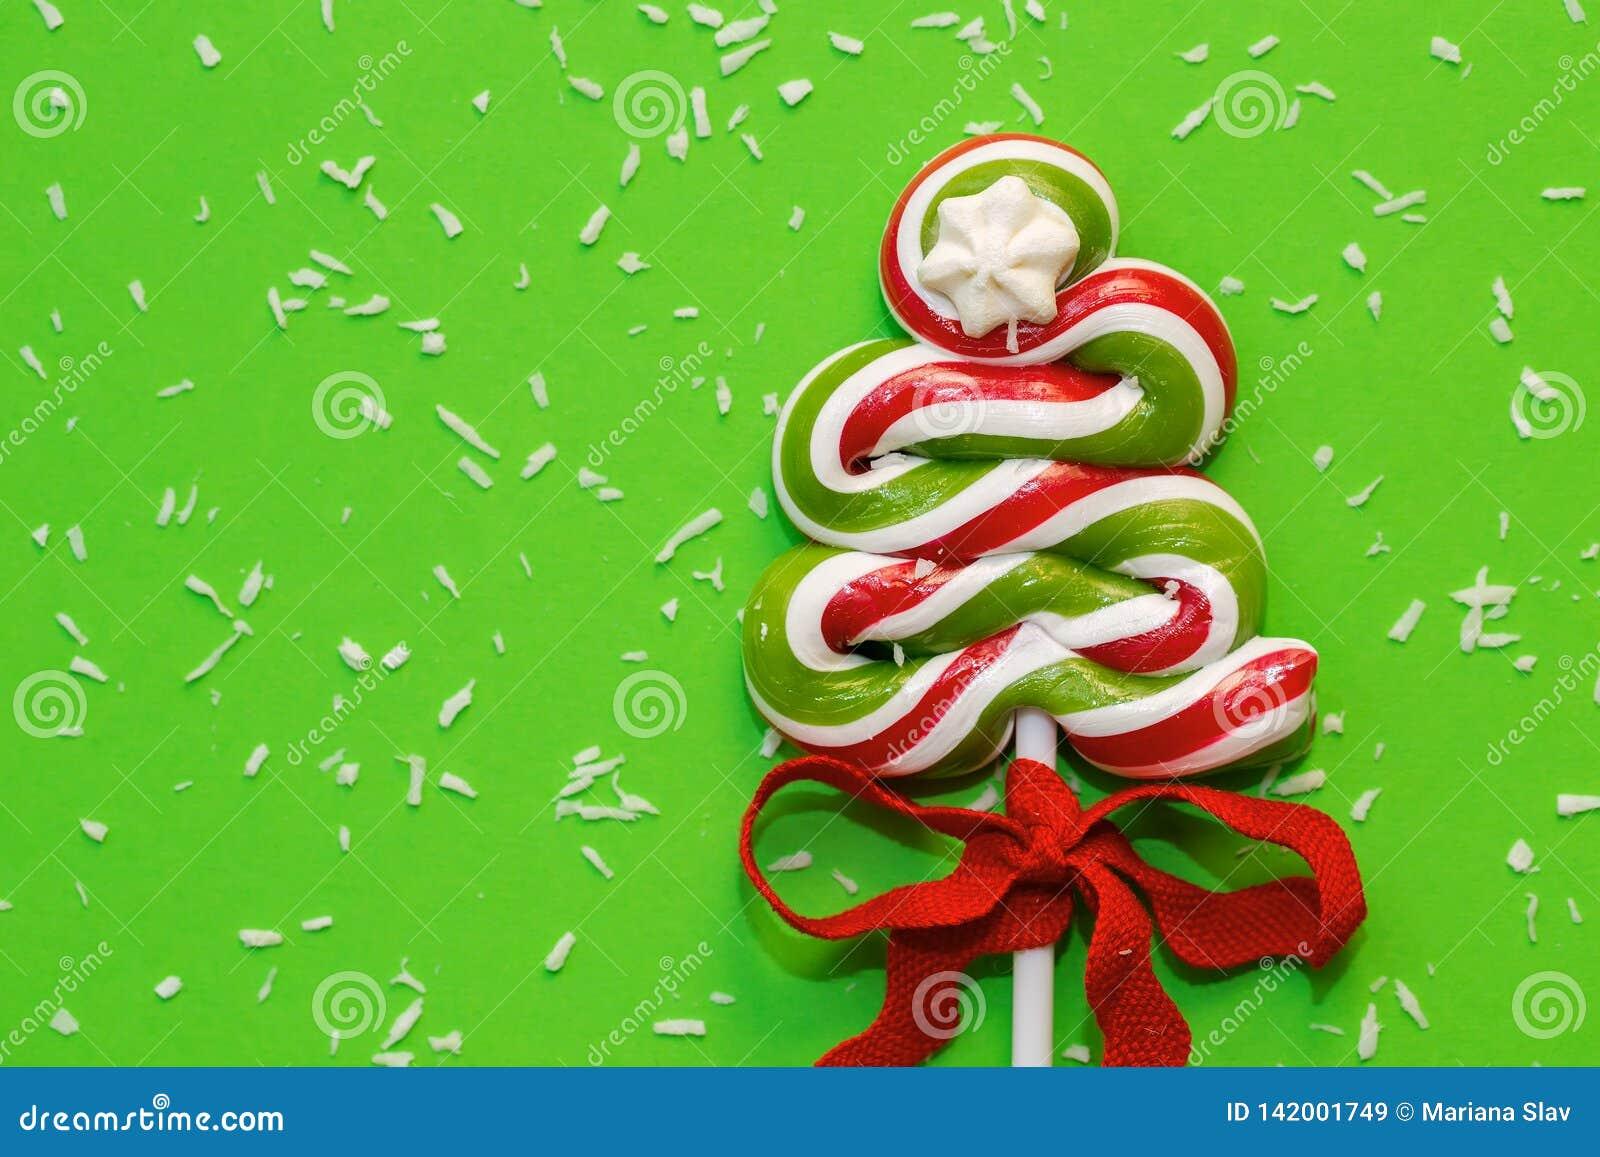 Árbol de navidad y nieve verdes - coco desecado del caramelo - delante del fondo verde Dejáis le nevar